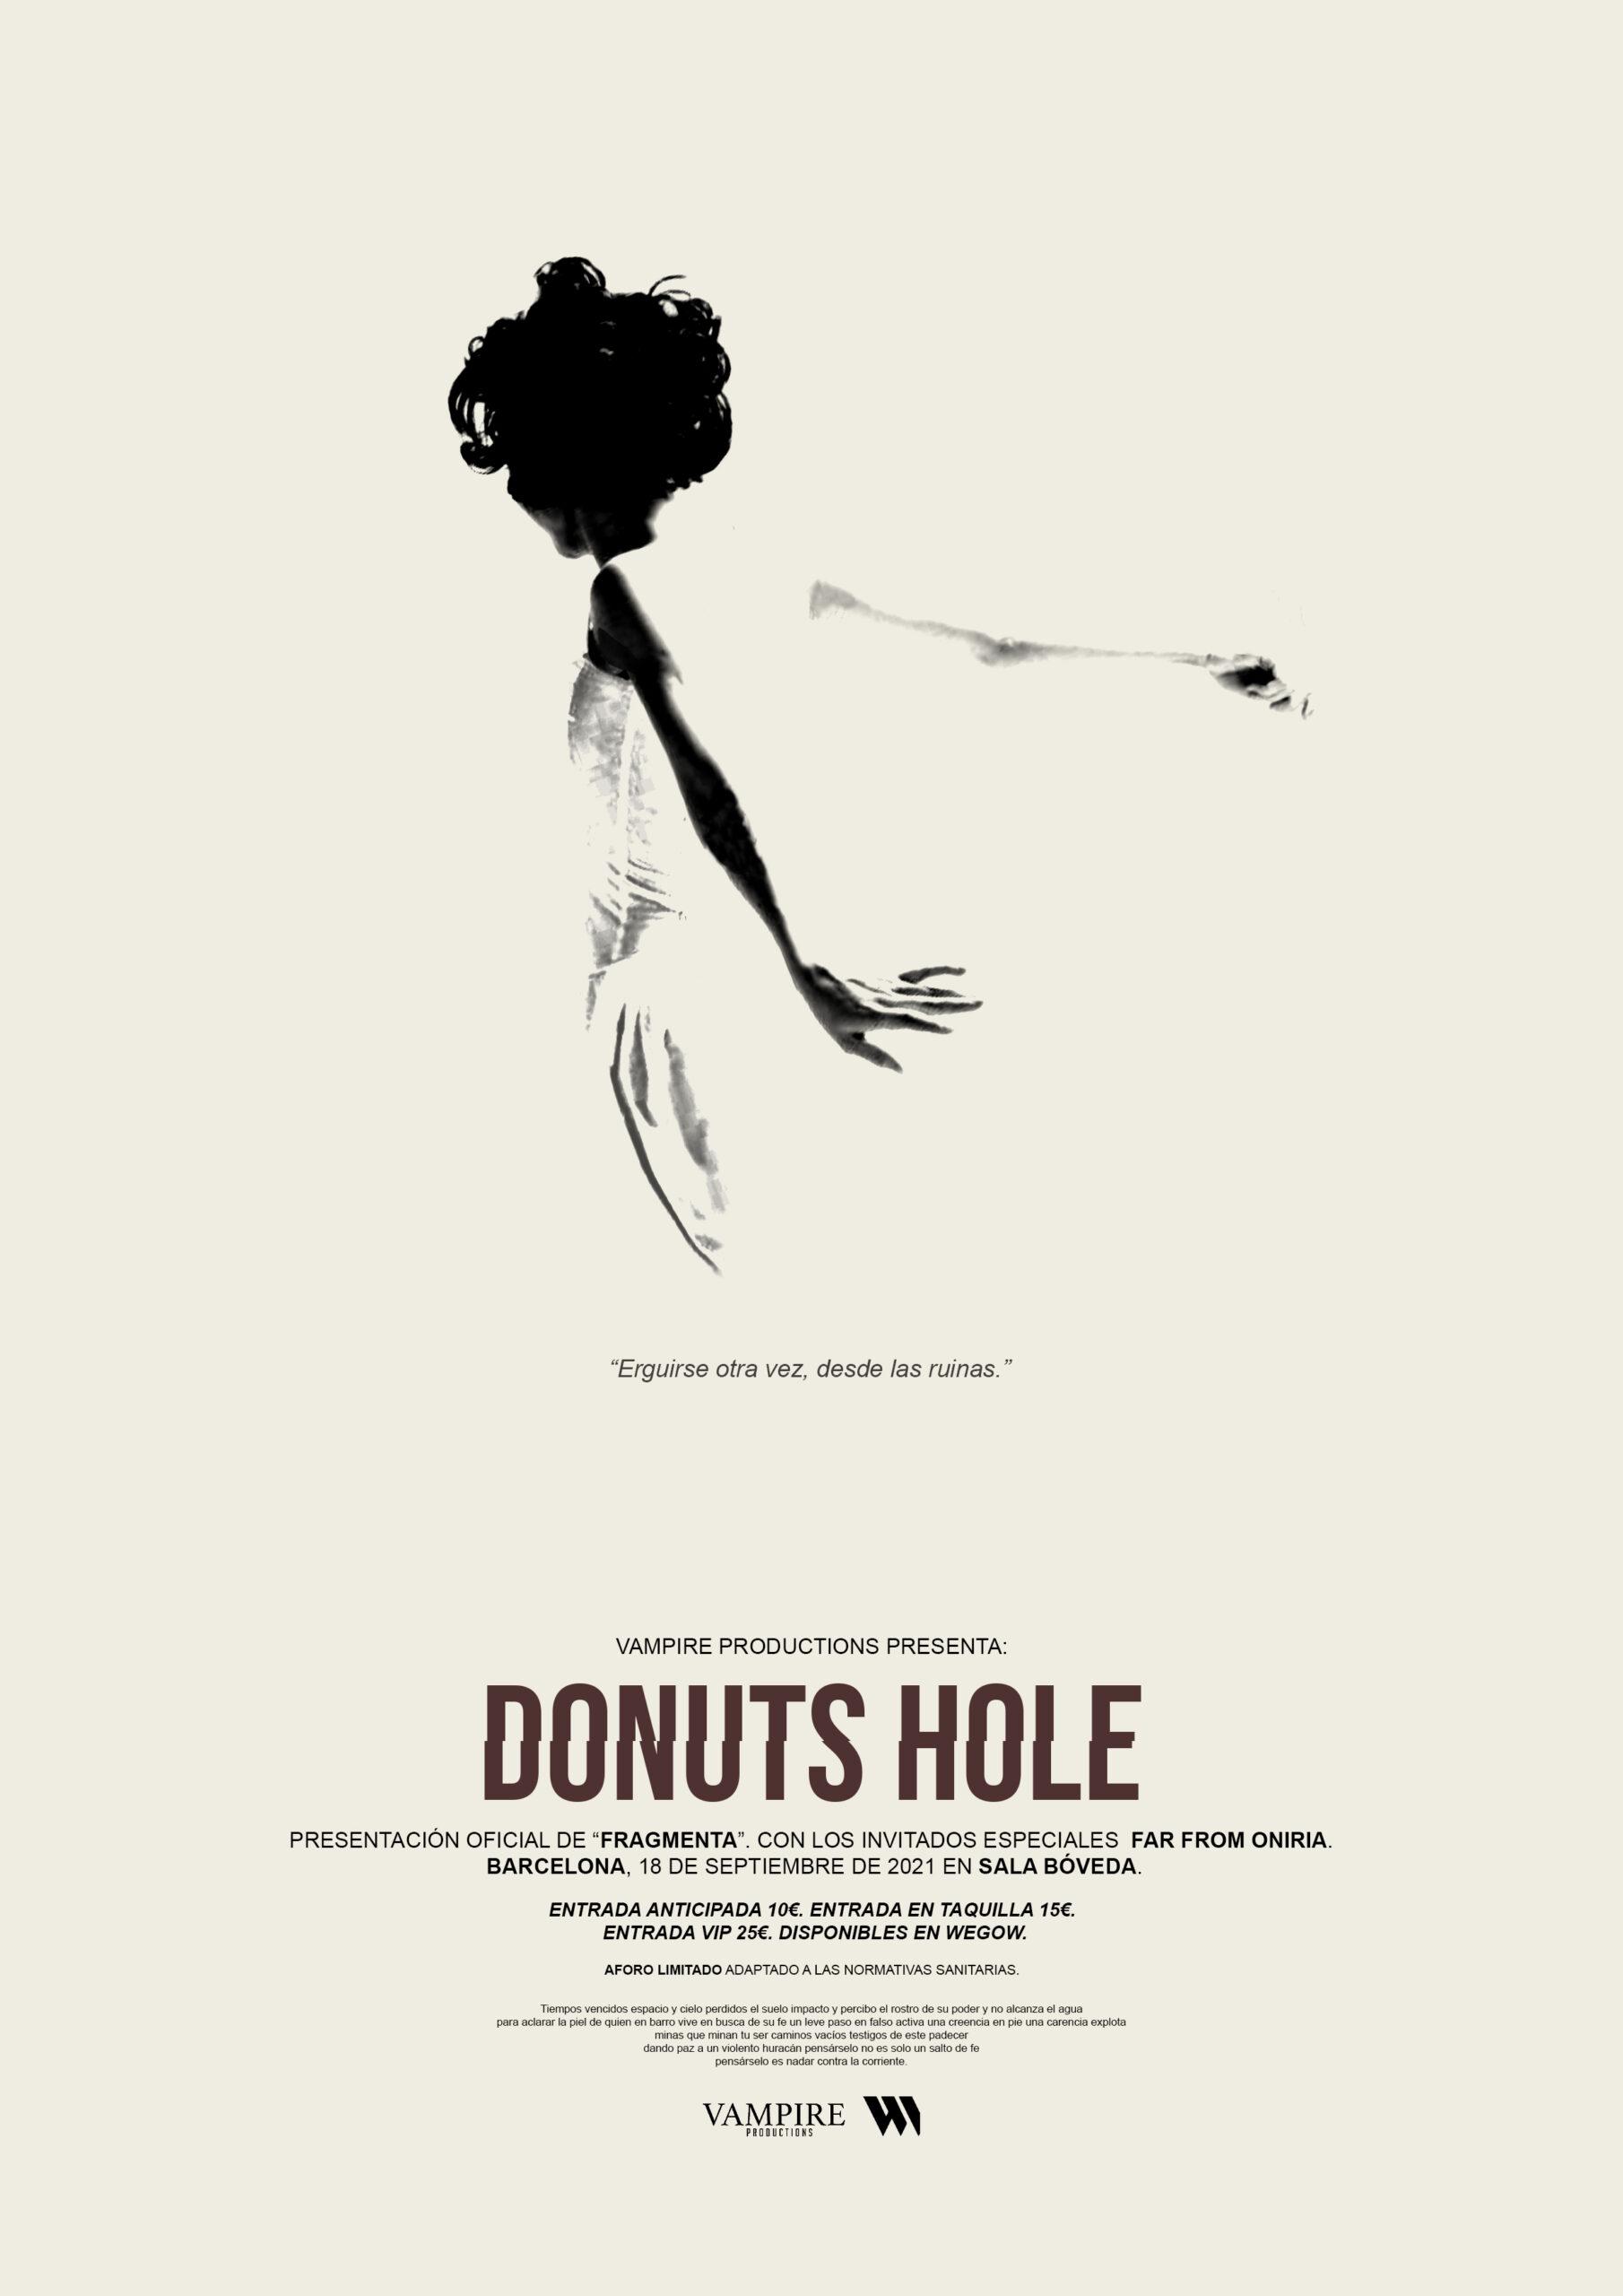 donuts hole presentacion oficial fragmenta con invitados especiales far from oniria 16222182136863847